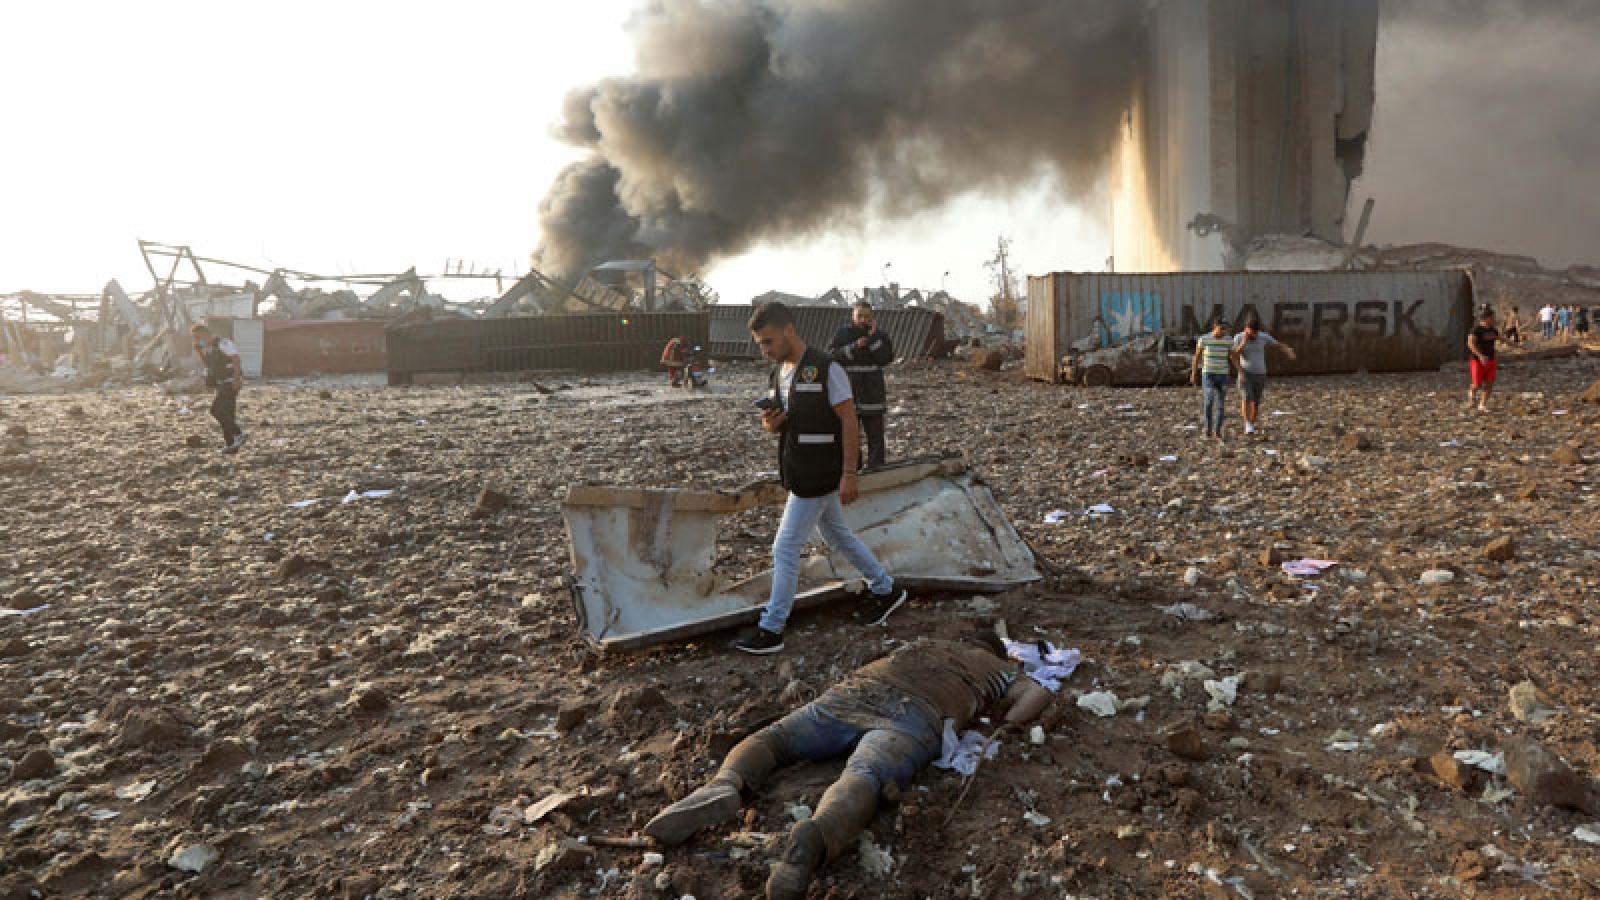 Video: Máu, nước mắt và sự hoảng loạn sau vụ nổ kinh hoàng ở Lebanon